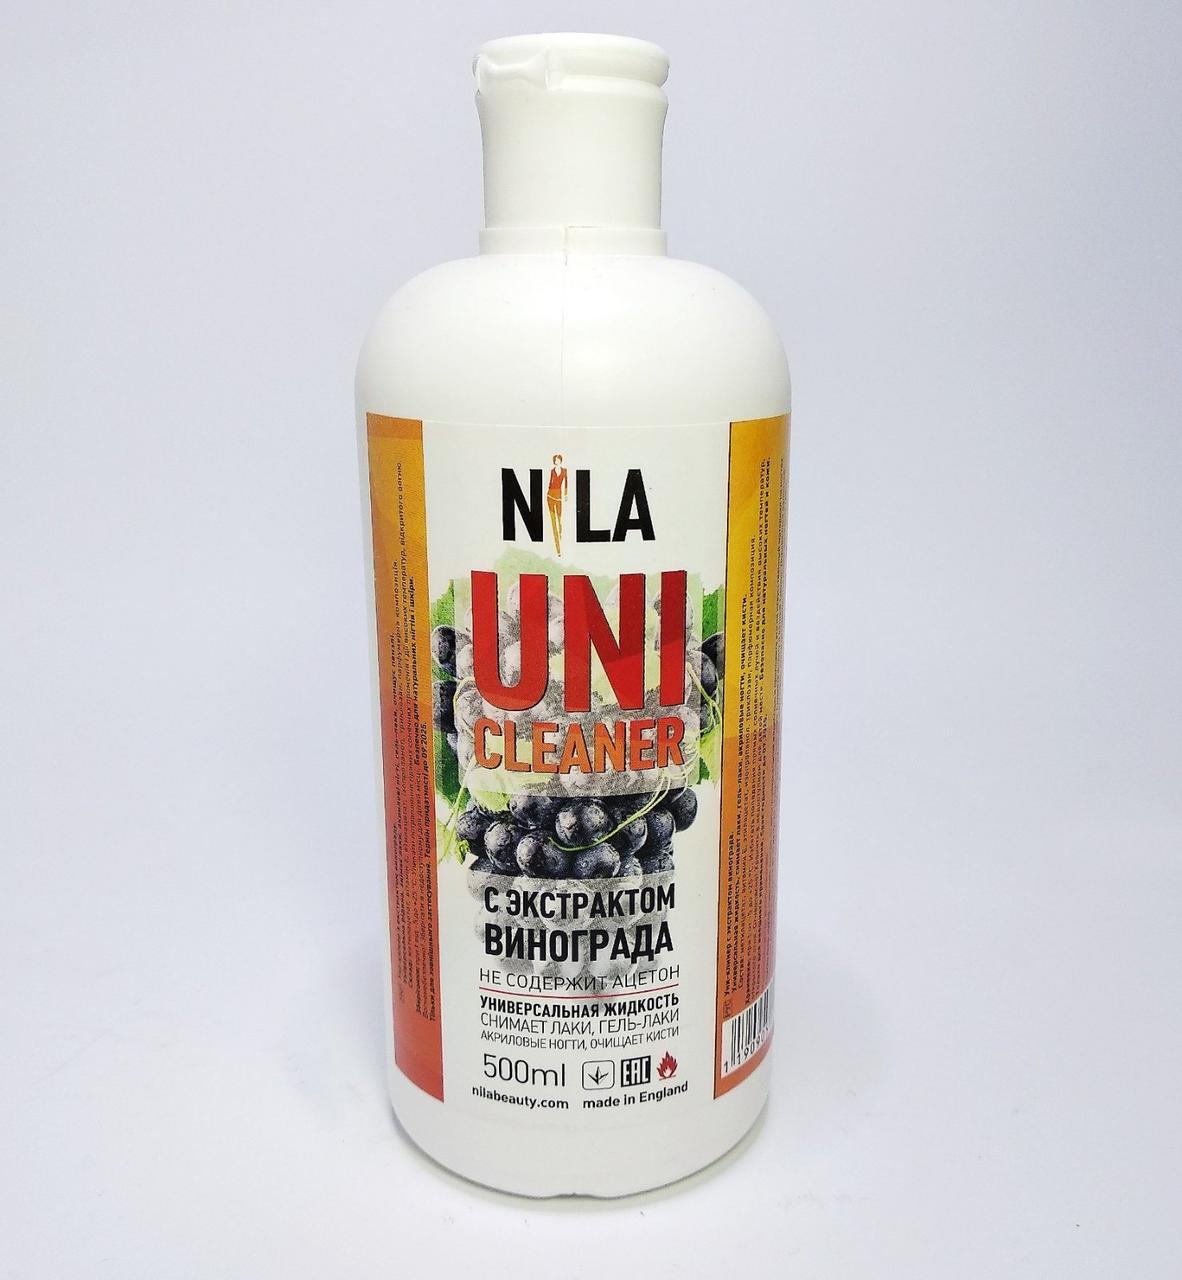 Жидкость для снятия гель-лака, акрила, очистки кистей Nila с экстрактом ежевики, 500 мл